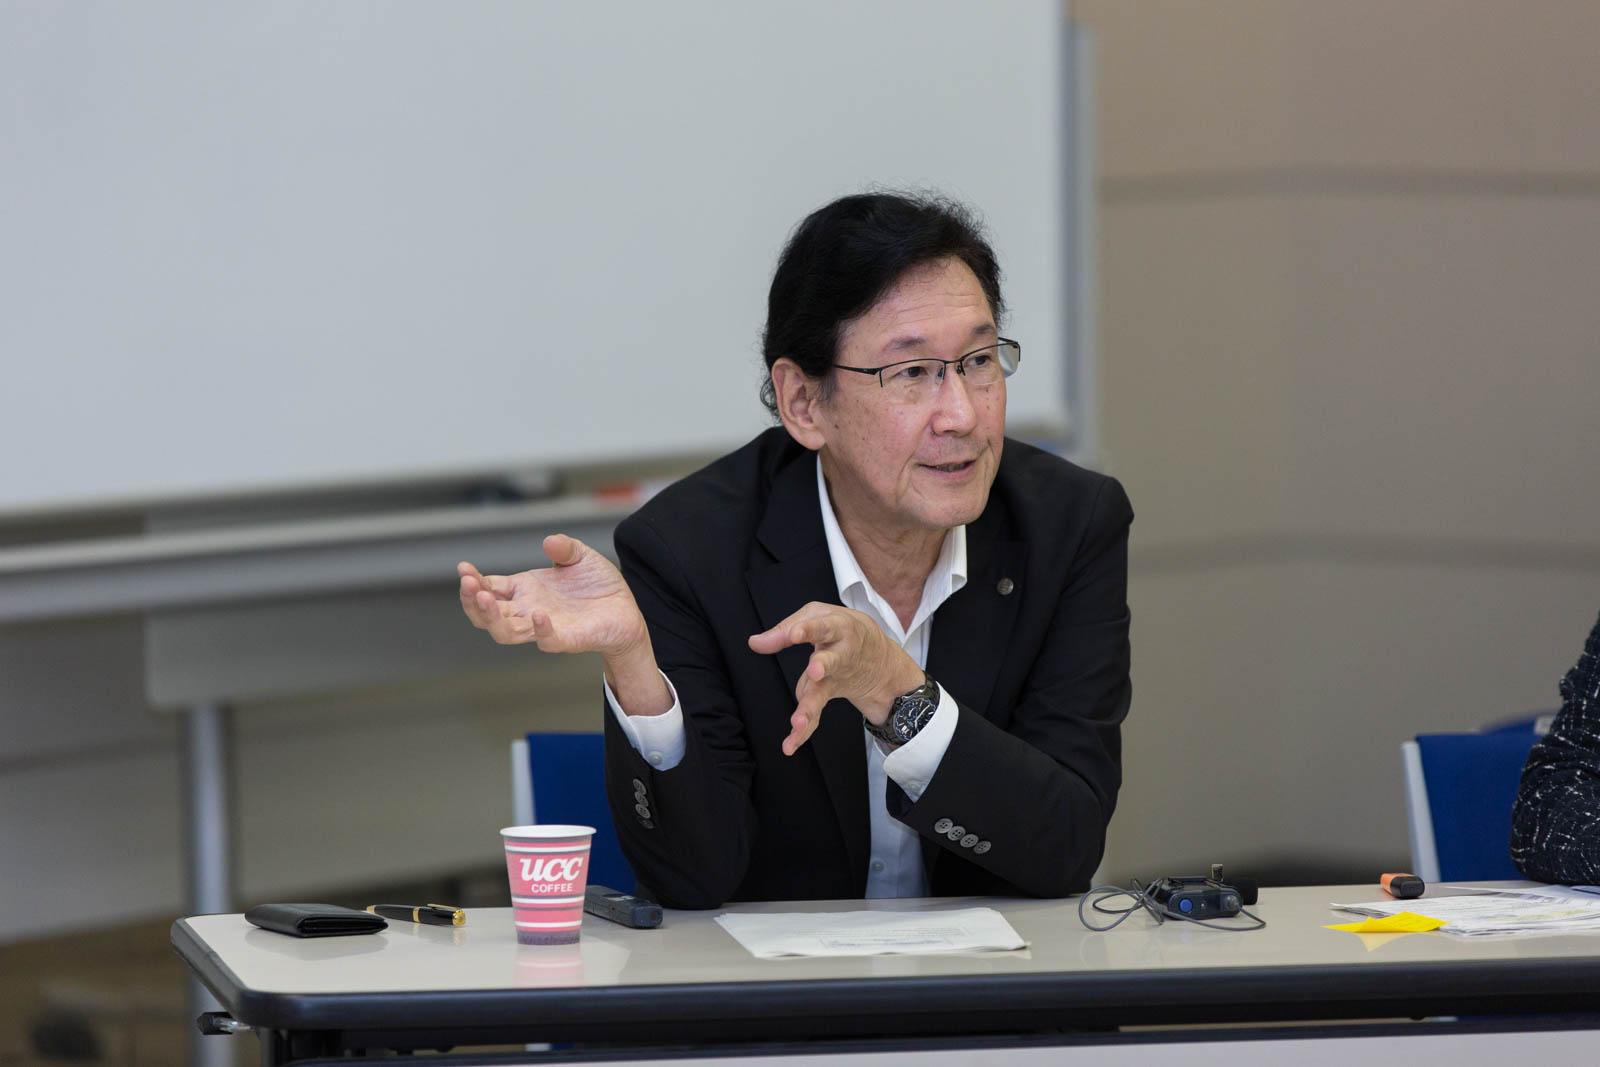 """Lange titler: Mr. Yuichi Masuda – """"Senior Executive Managing Officer"""", """"Senior General Manager of Timepiece Division"""" og styremedlem."""